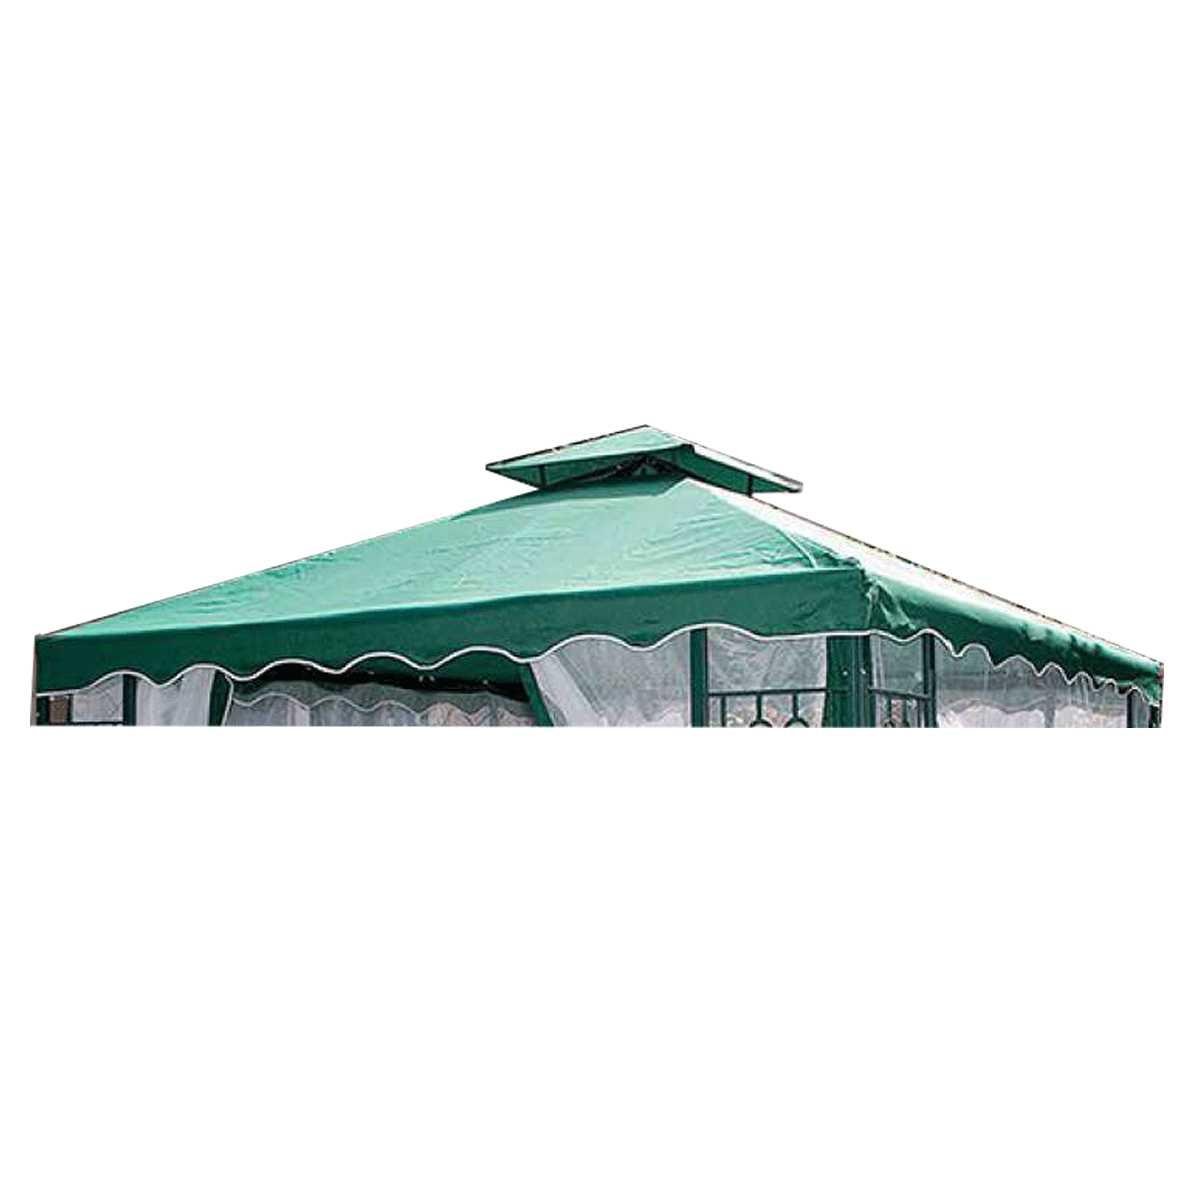 Top verde 300x300 in poliestere spalmato in pvc ideale come ricambio per gazebi